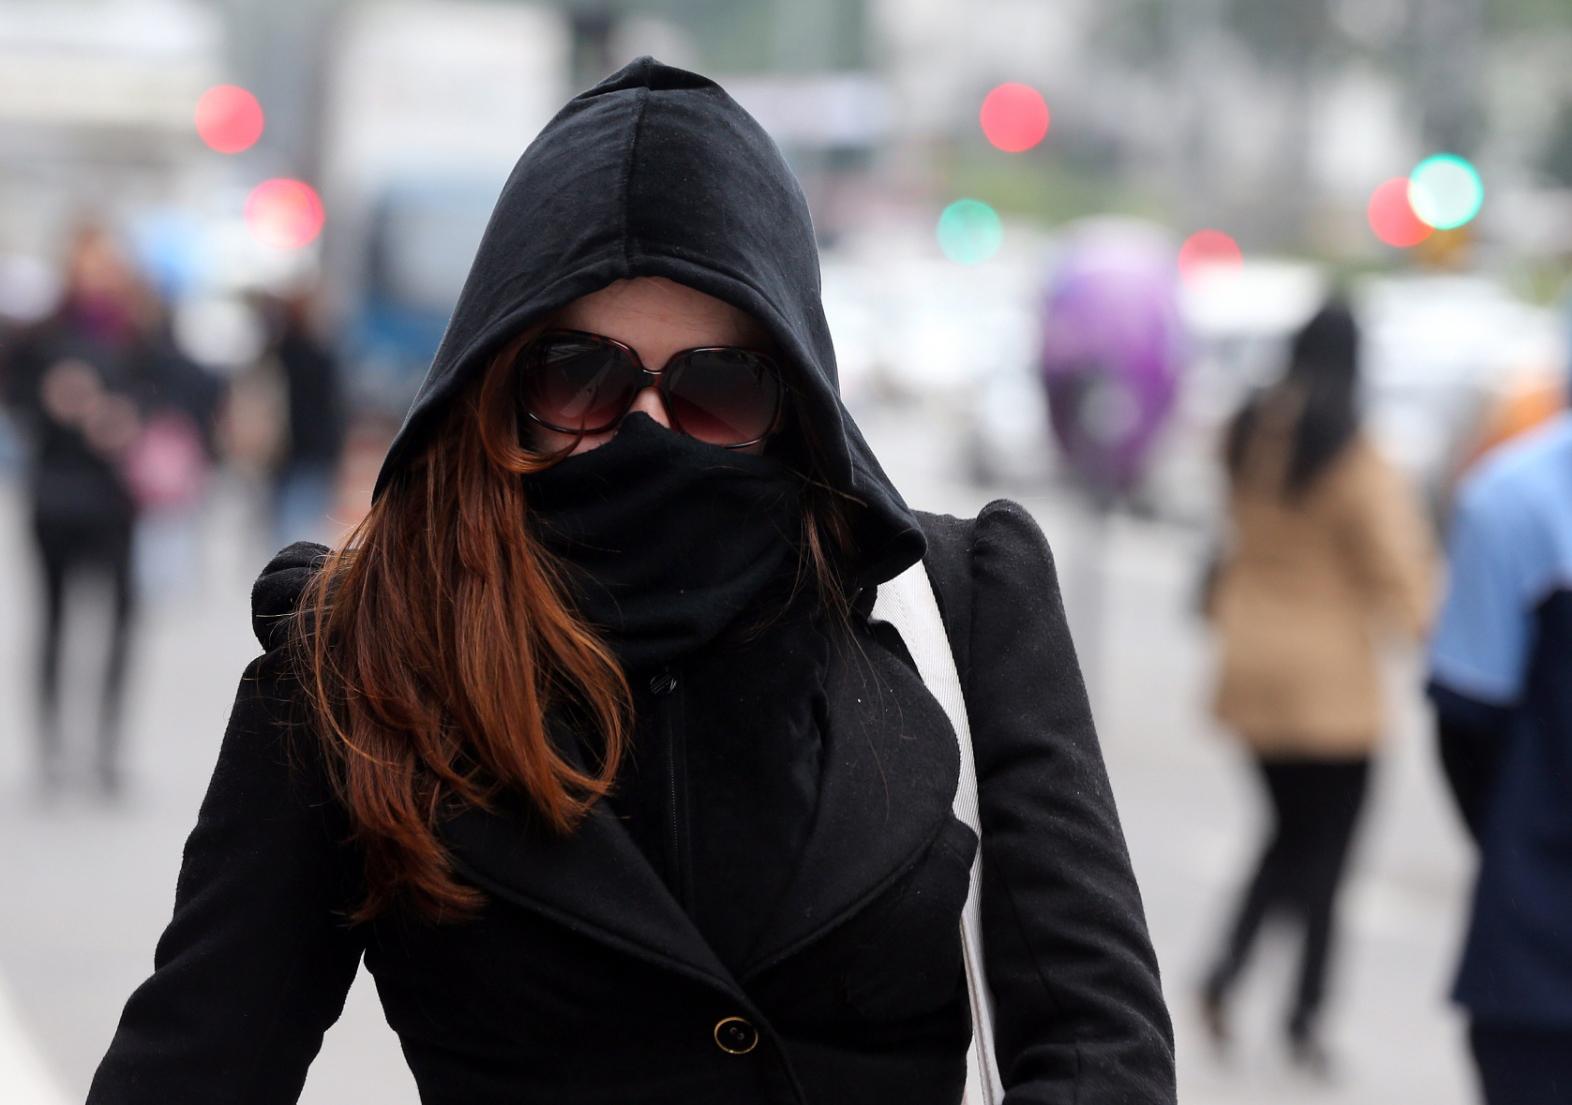 Frente fria avança e faz temperatura despencar nos próximos dias